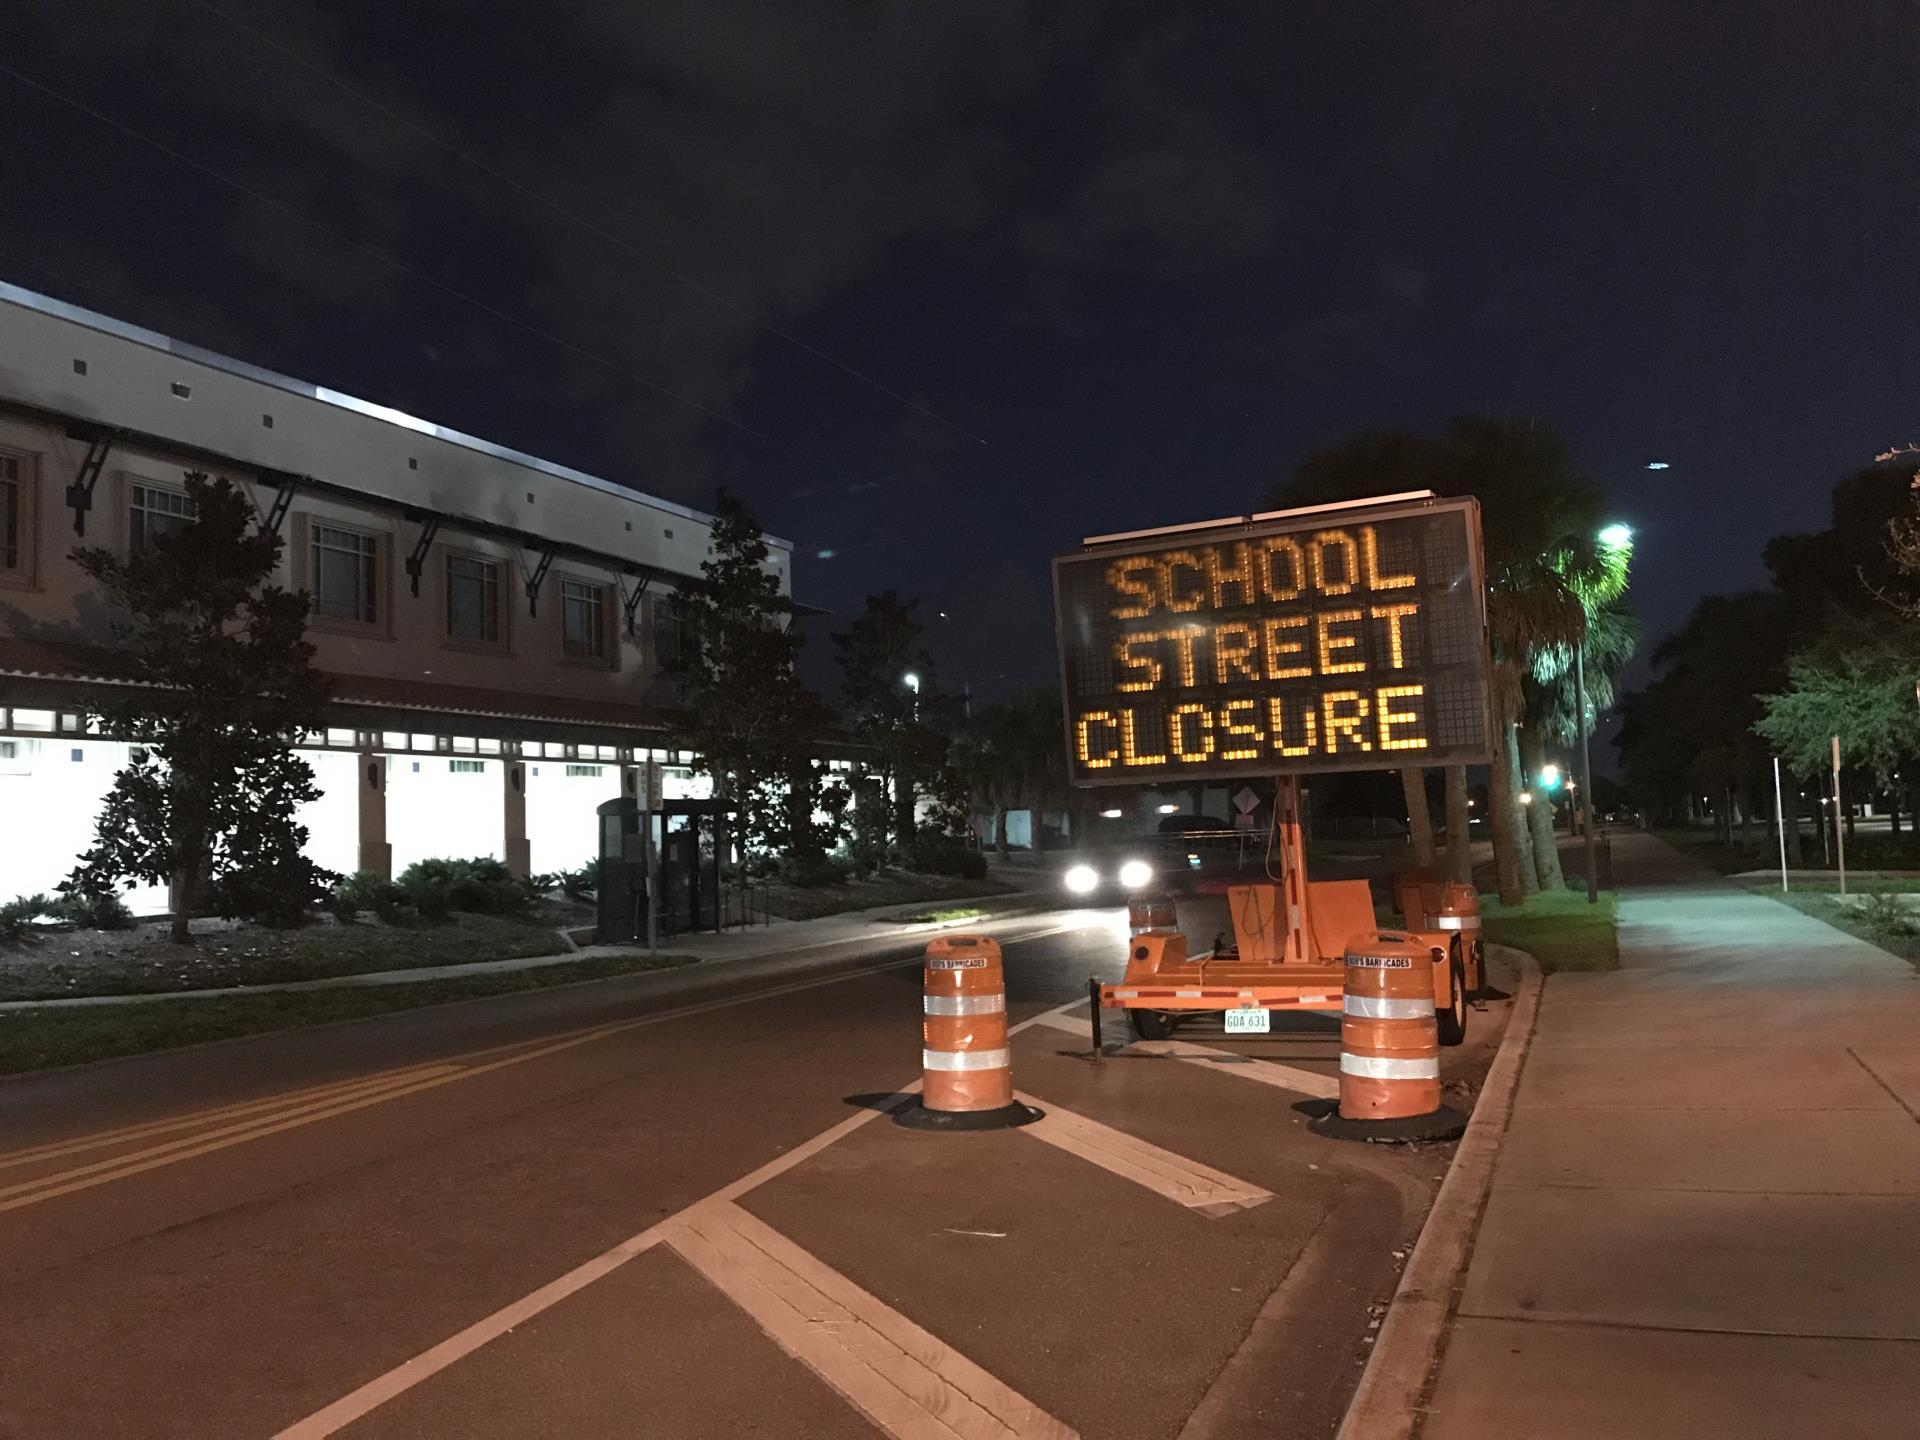 School Ave Closure